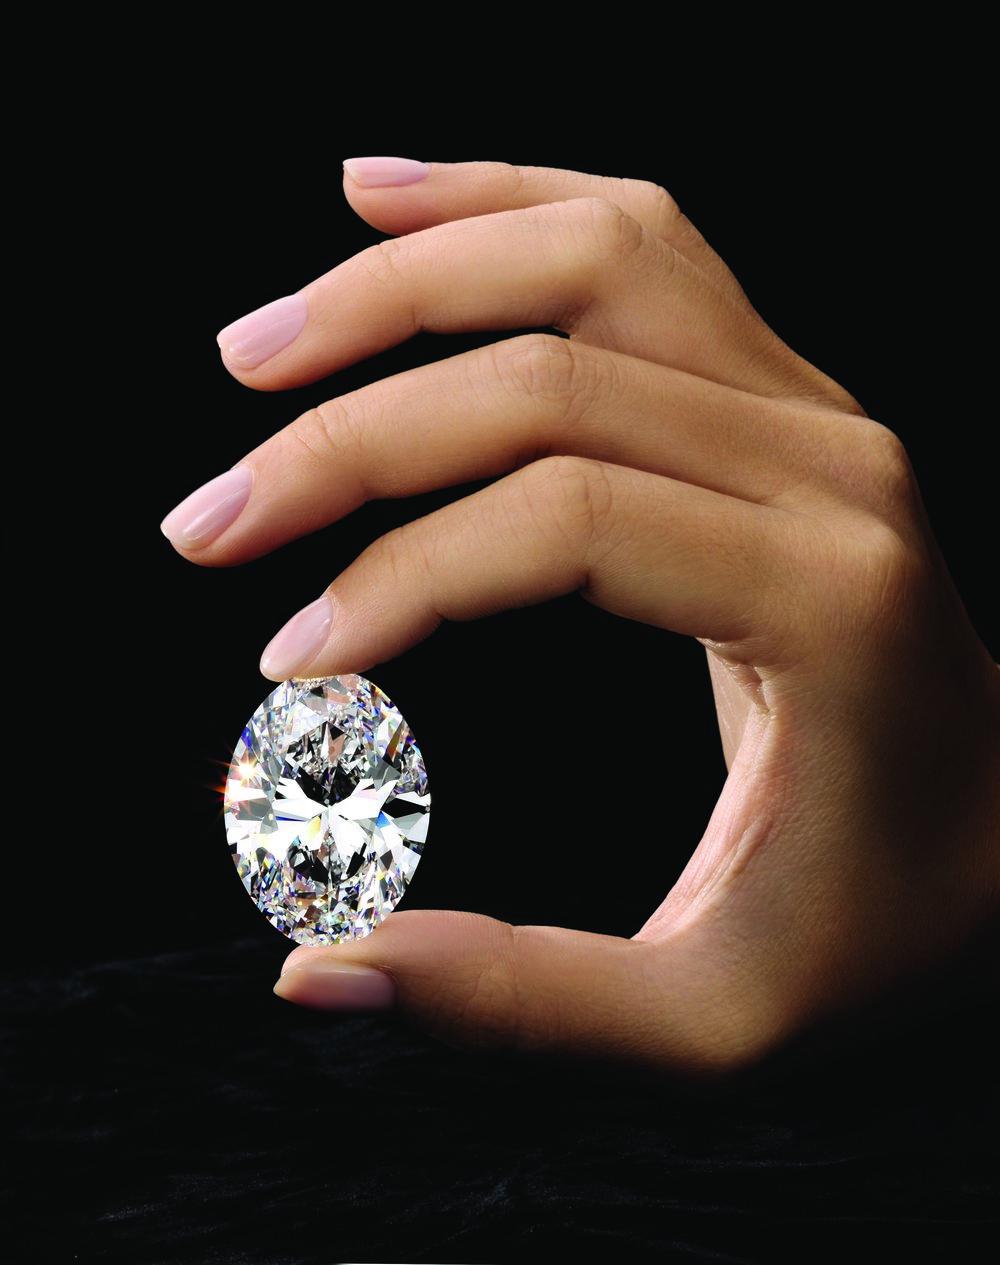 Sotheby's_The_Spectacular_88.22-Carat_Oval_Diamond_225HK0863.jpg_cmyk.jpg